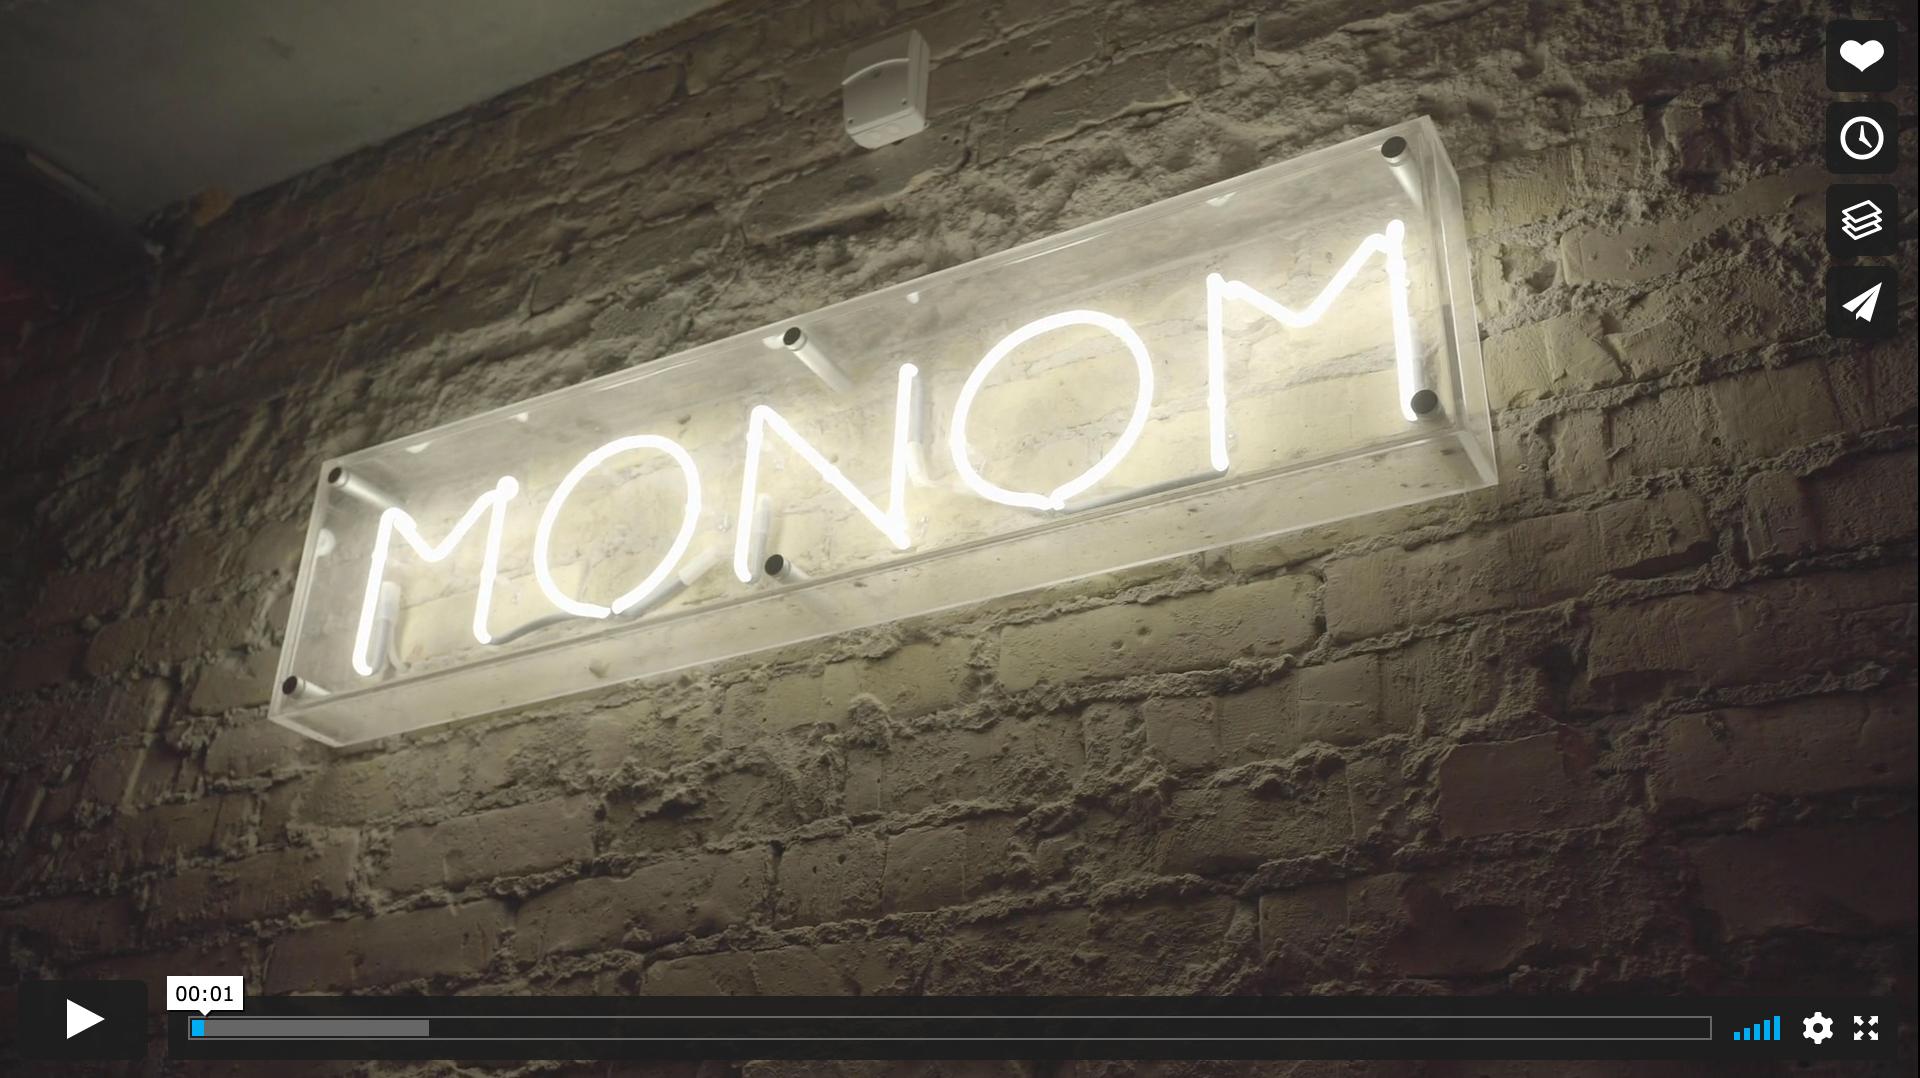 HUBRIS 4DSOUND AT MONOM